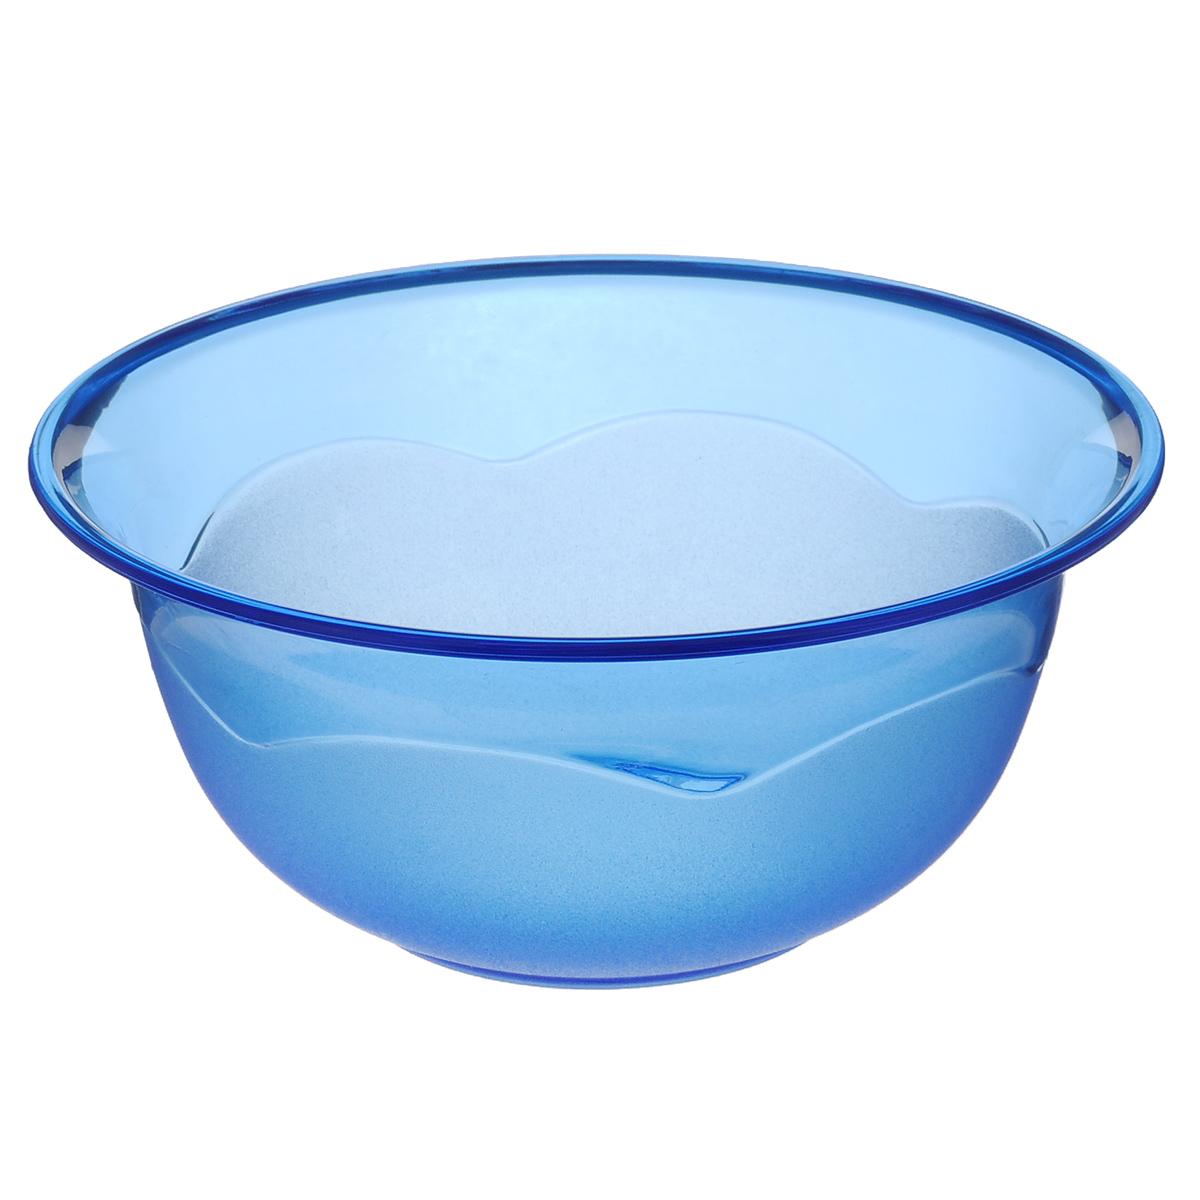 Миска Dunya Plastik, цвет: синий, 0,5 л115510Миска Dunya Plastik круглой формы изготовлена из пищевого пластика.Внешние стенки миски матовые. Изделие очень функционально, оно пригодится на кухнедля самых разнообразных нужд: в качестве салатника, миски, тарелки и т.д.Можно мыть в посудомоечной машине.Объем: 0,5 л.Диаметр миски (по верхнему краю): 14 см.Высота стенки: 6,1 см.